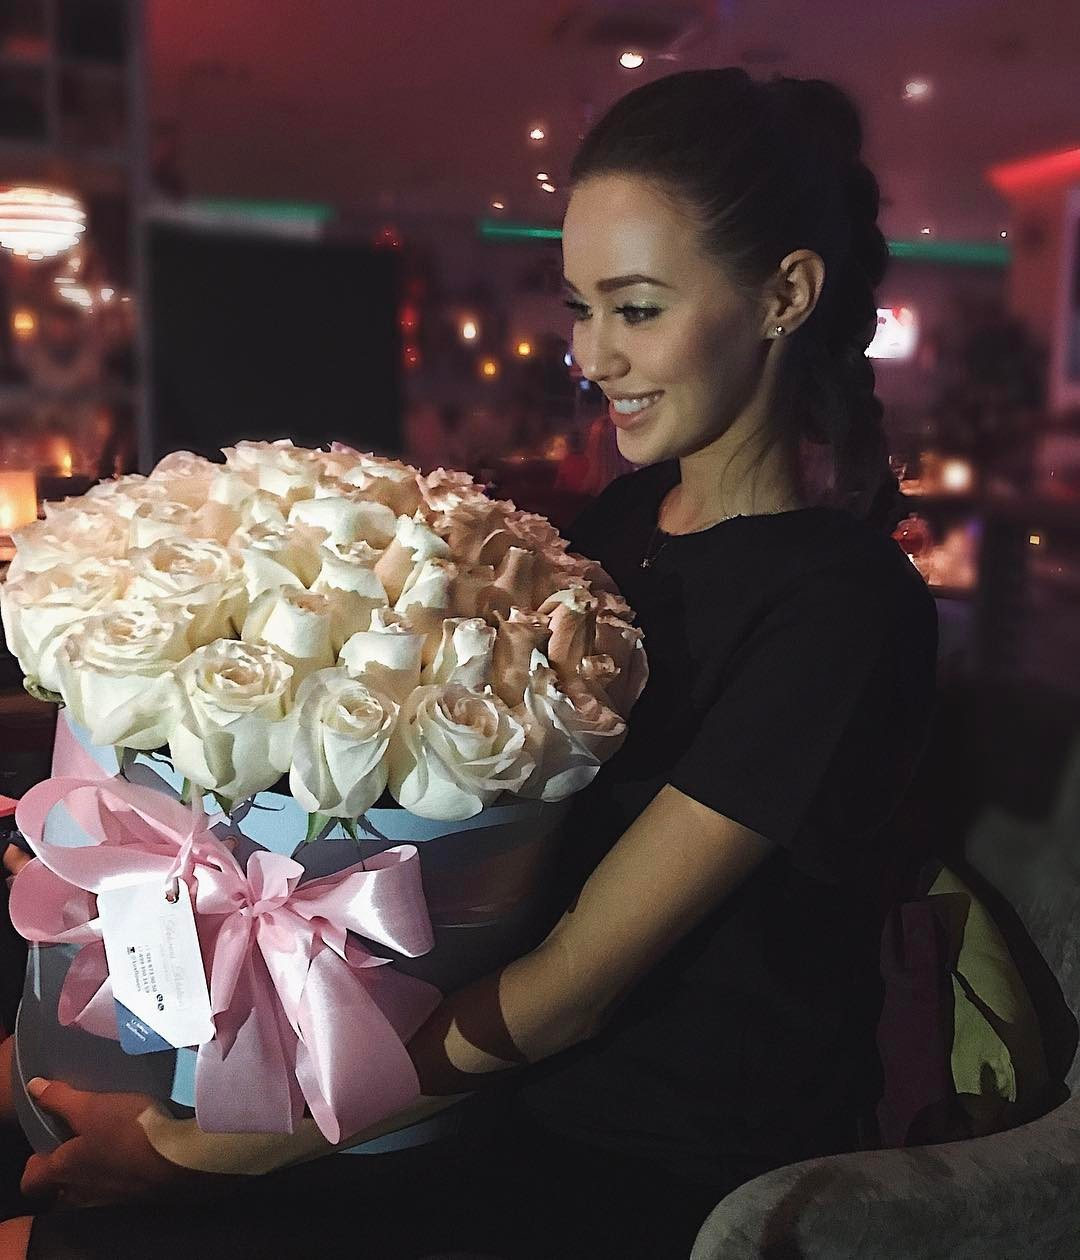 Дмитрий Тарасов сделает предложение Анастасии Костенко в день ее рождения